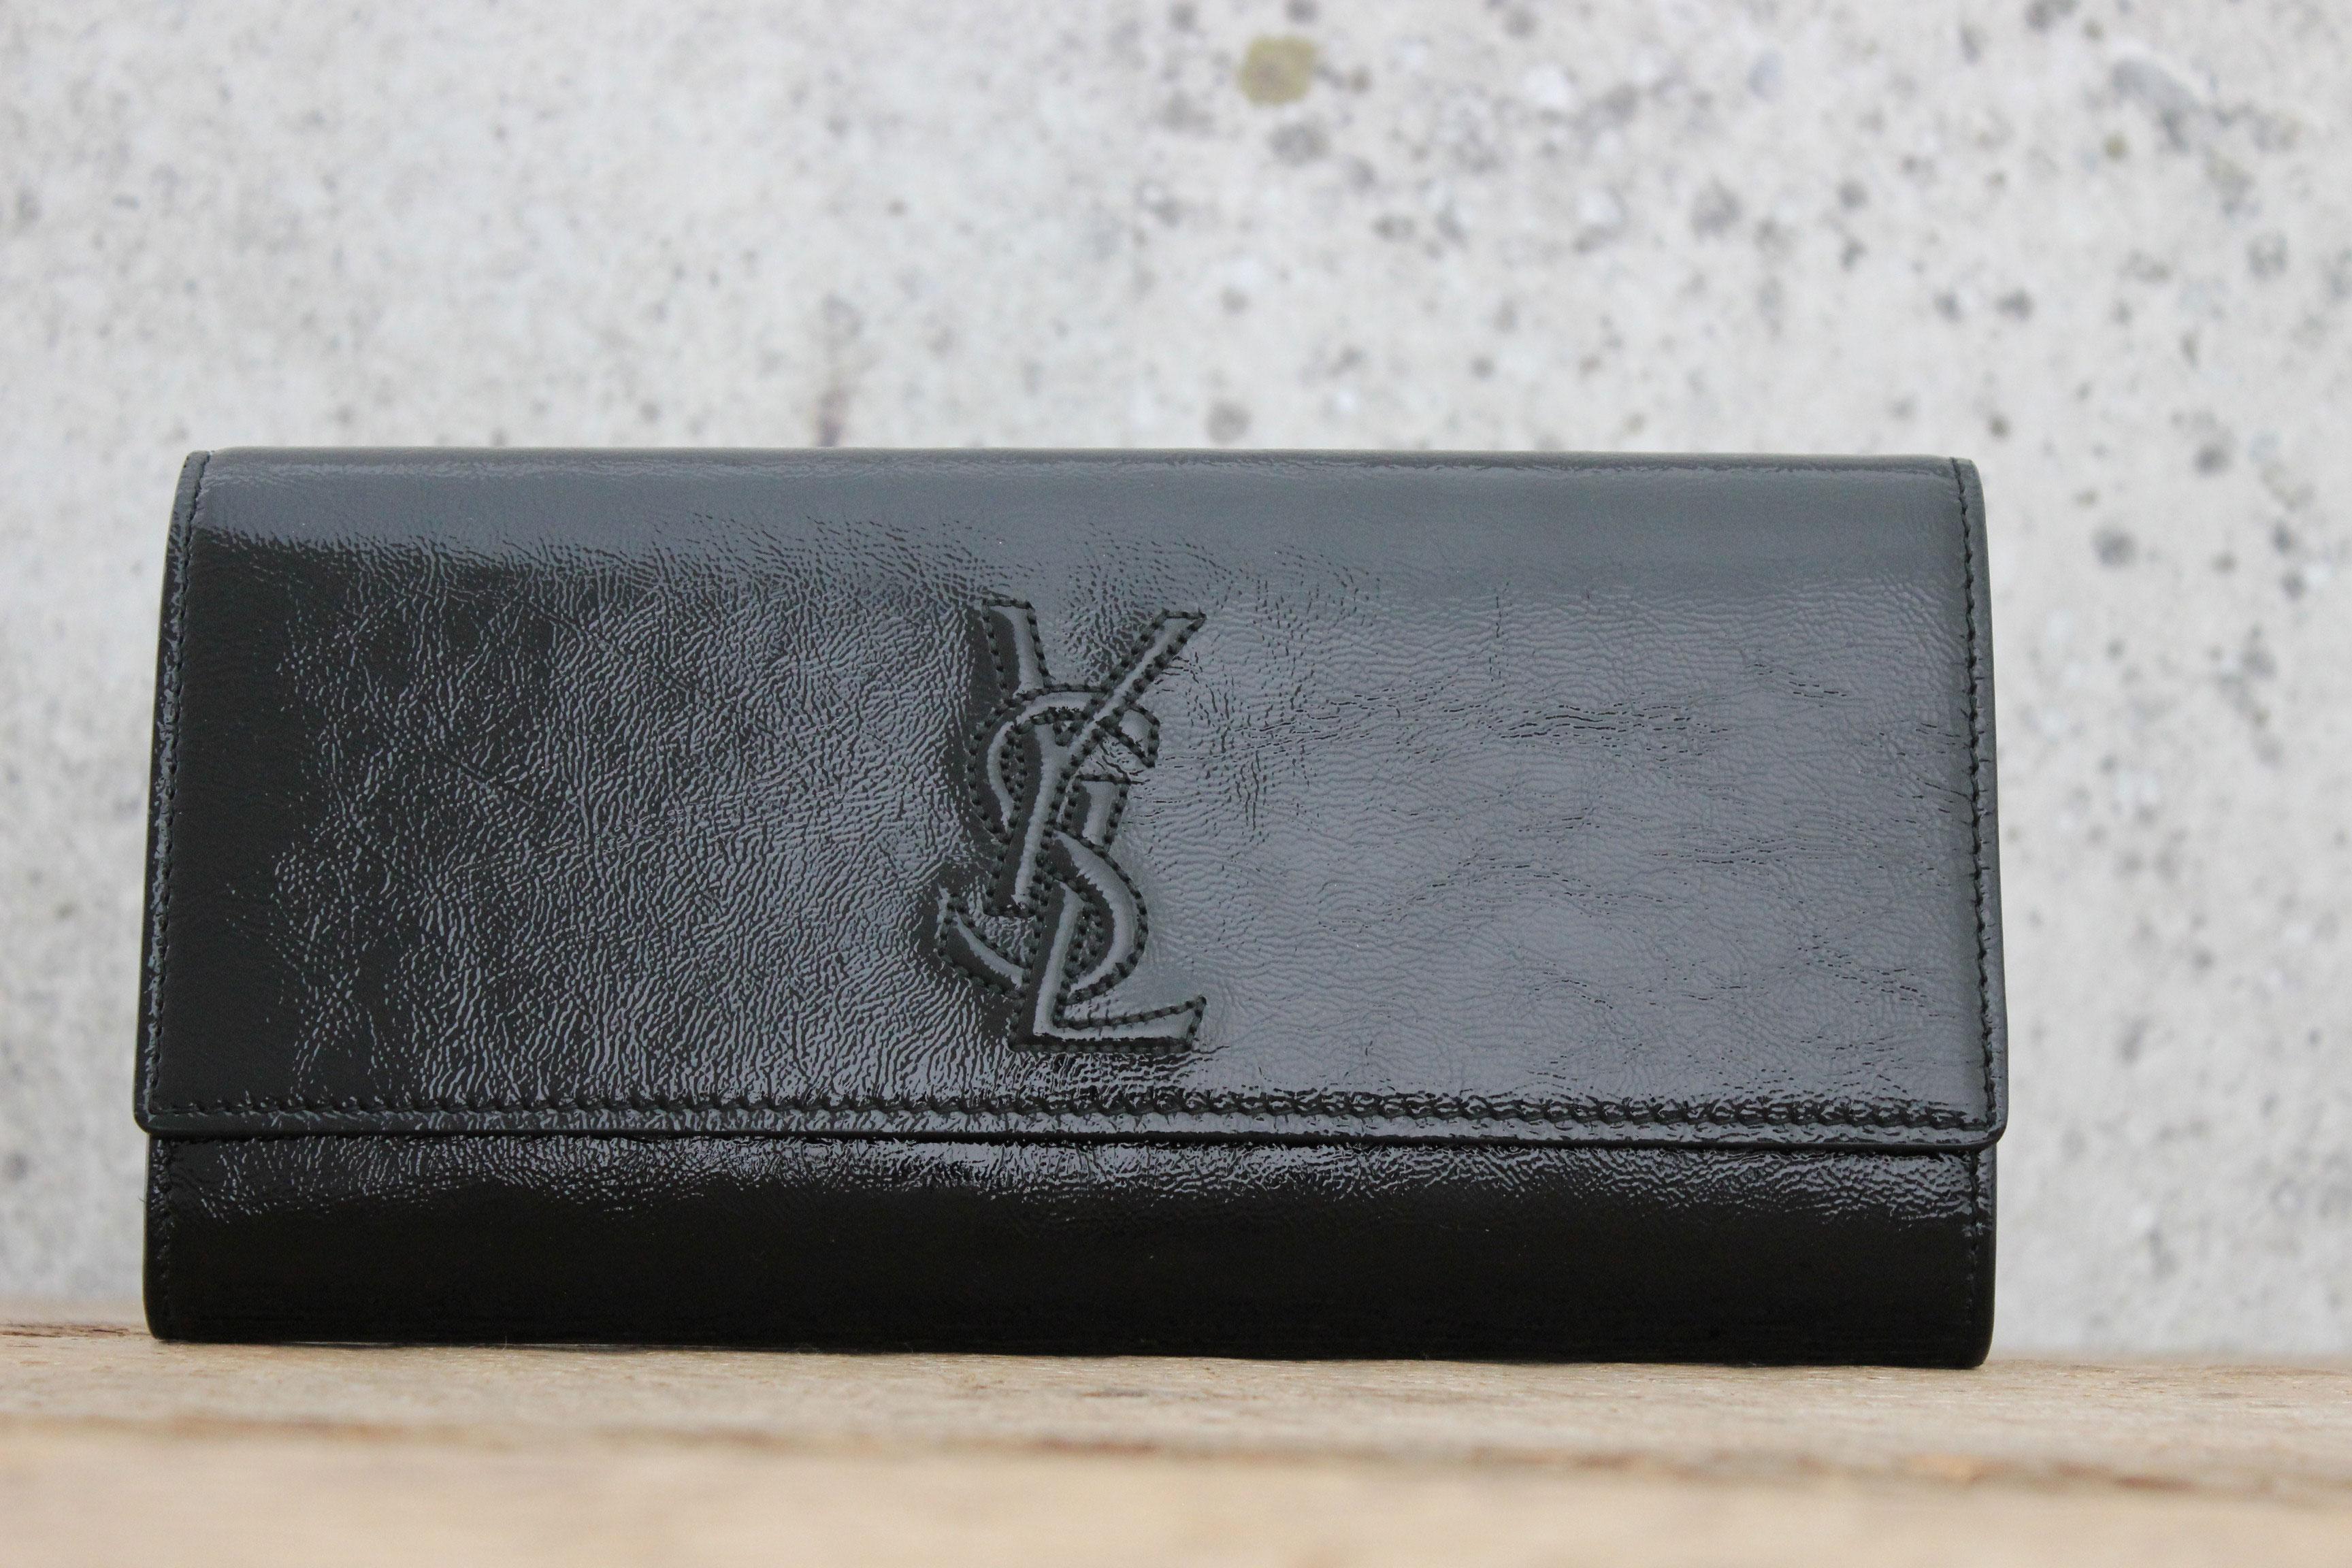 saint laurent the belle de jour patent leather clutch